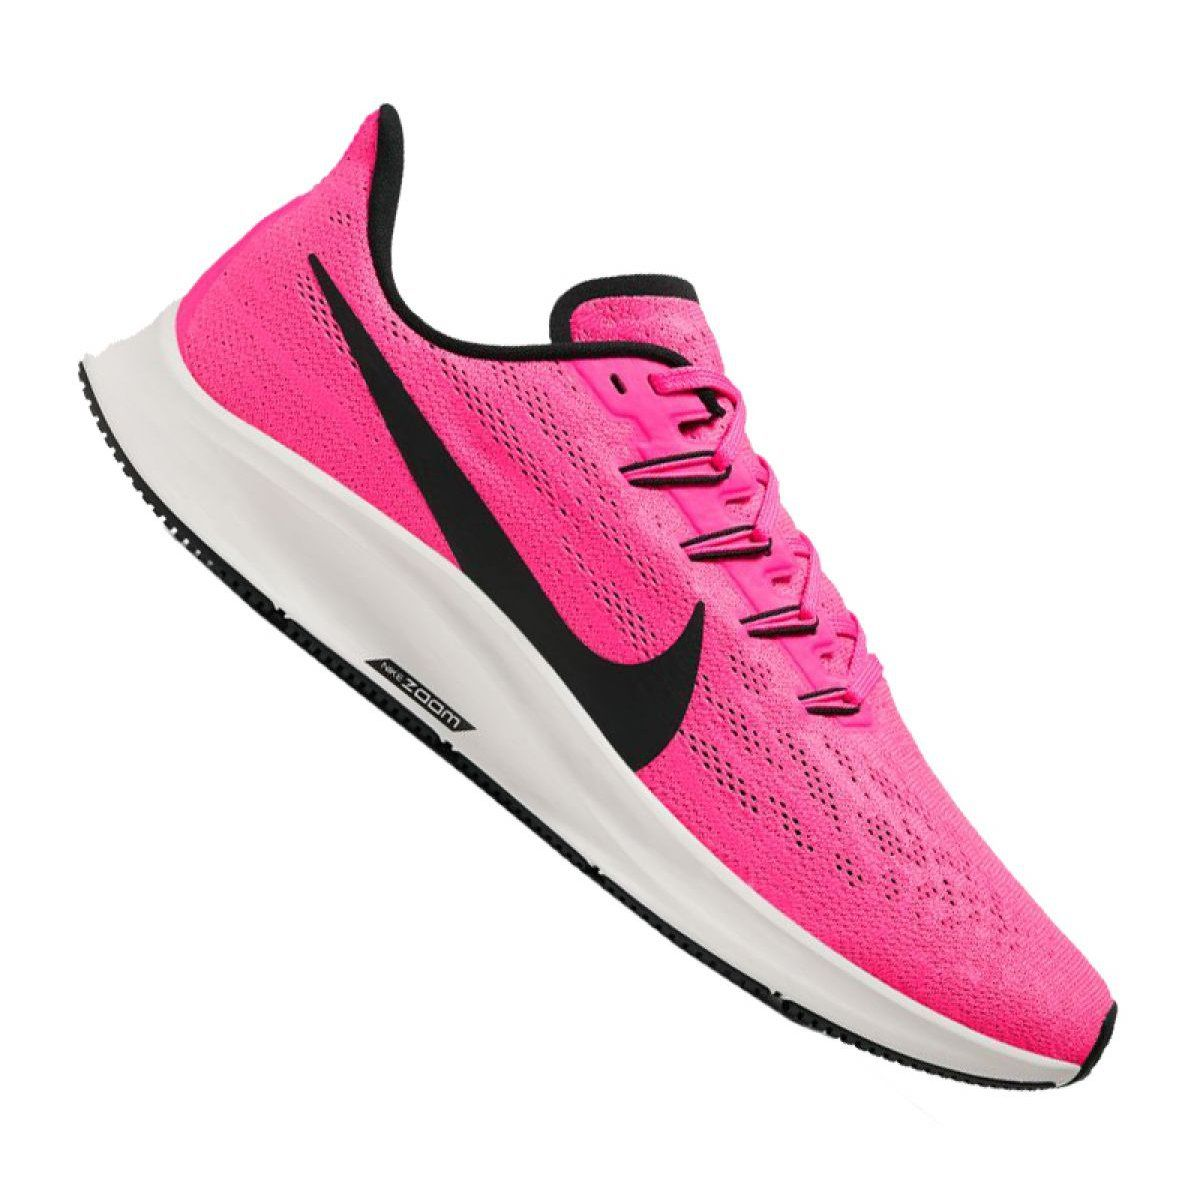 Buty Do Biegania Nike Air Zoom Pegasus M Aq2203 601 Rozowe Nike Air Zoom Pegasus Nike Air Zoom Pink Running Shoes